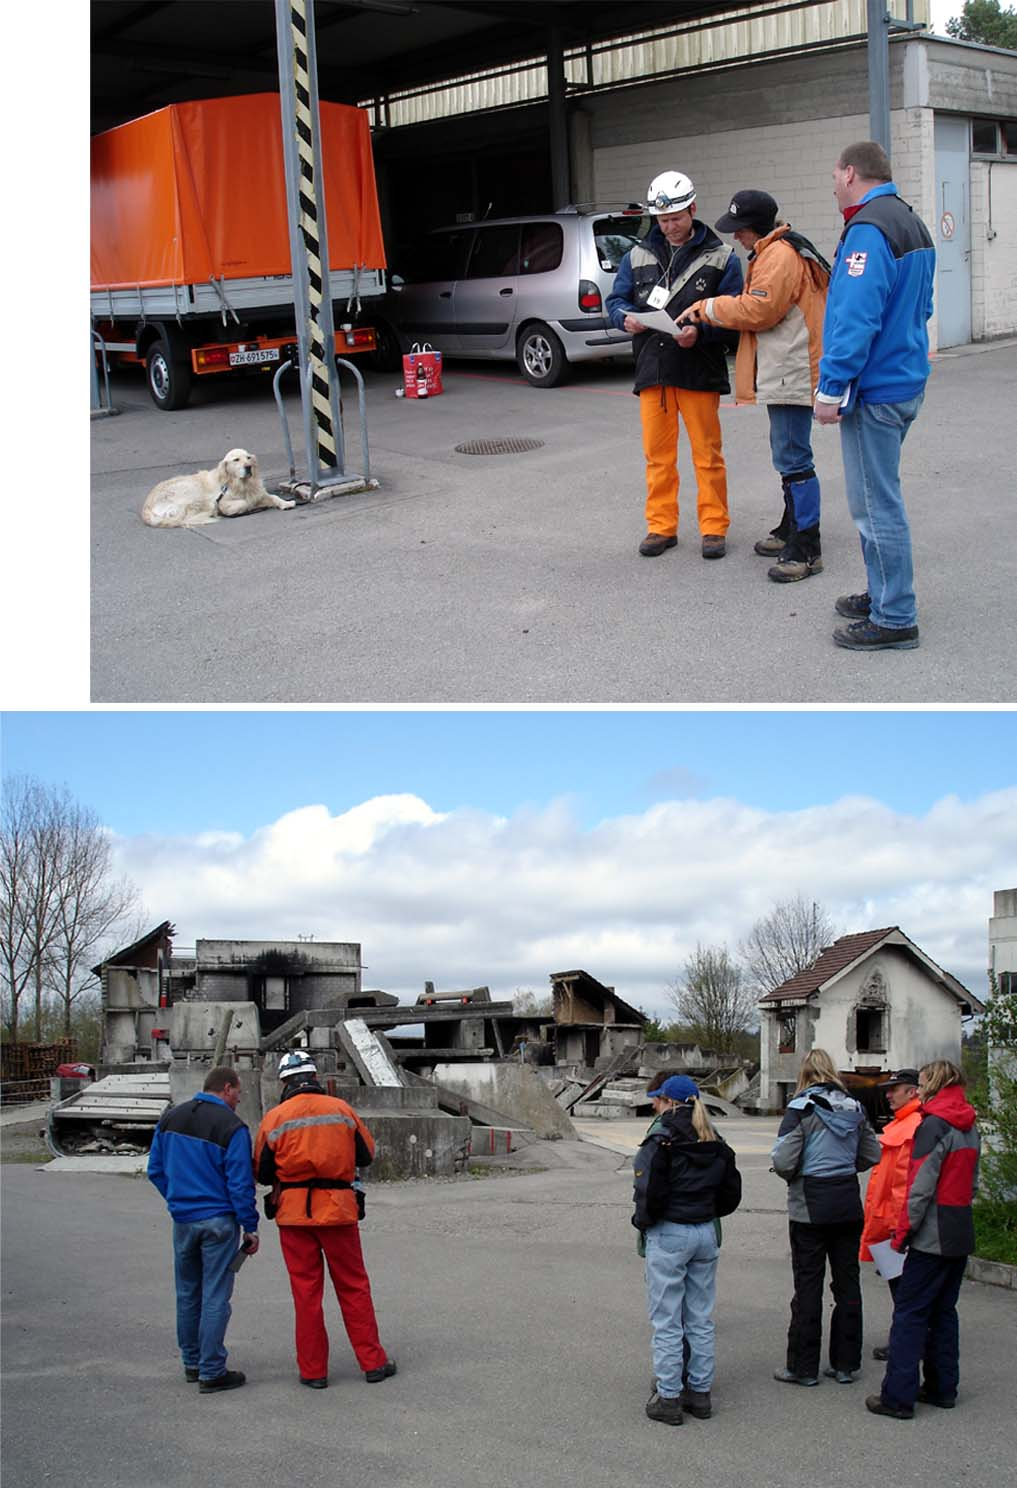 スイス救助犬試験開始前の様子